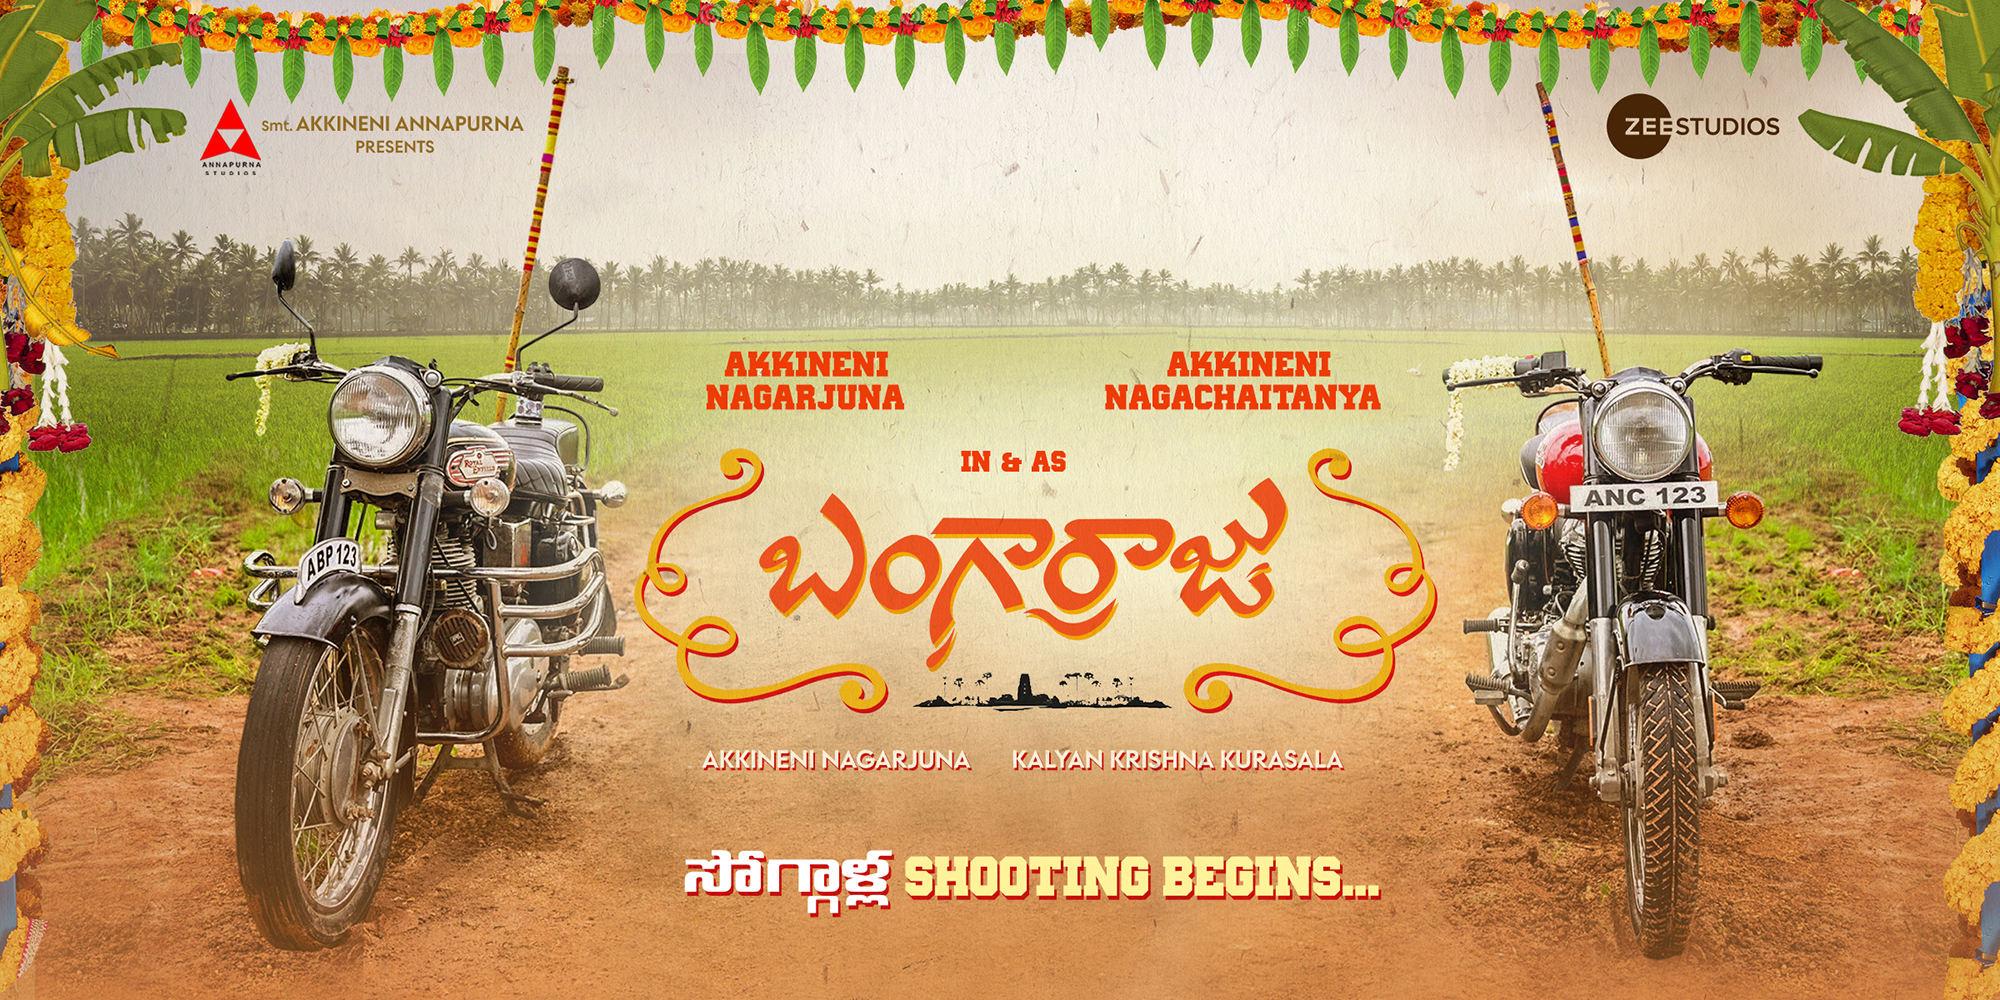 Akkineni Nagarjuna & Naga Chaitanya again teams up in Bangaraju Movie